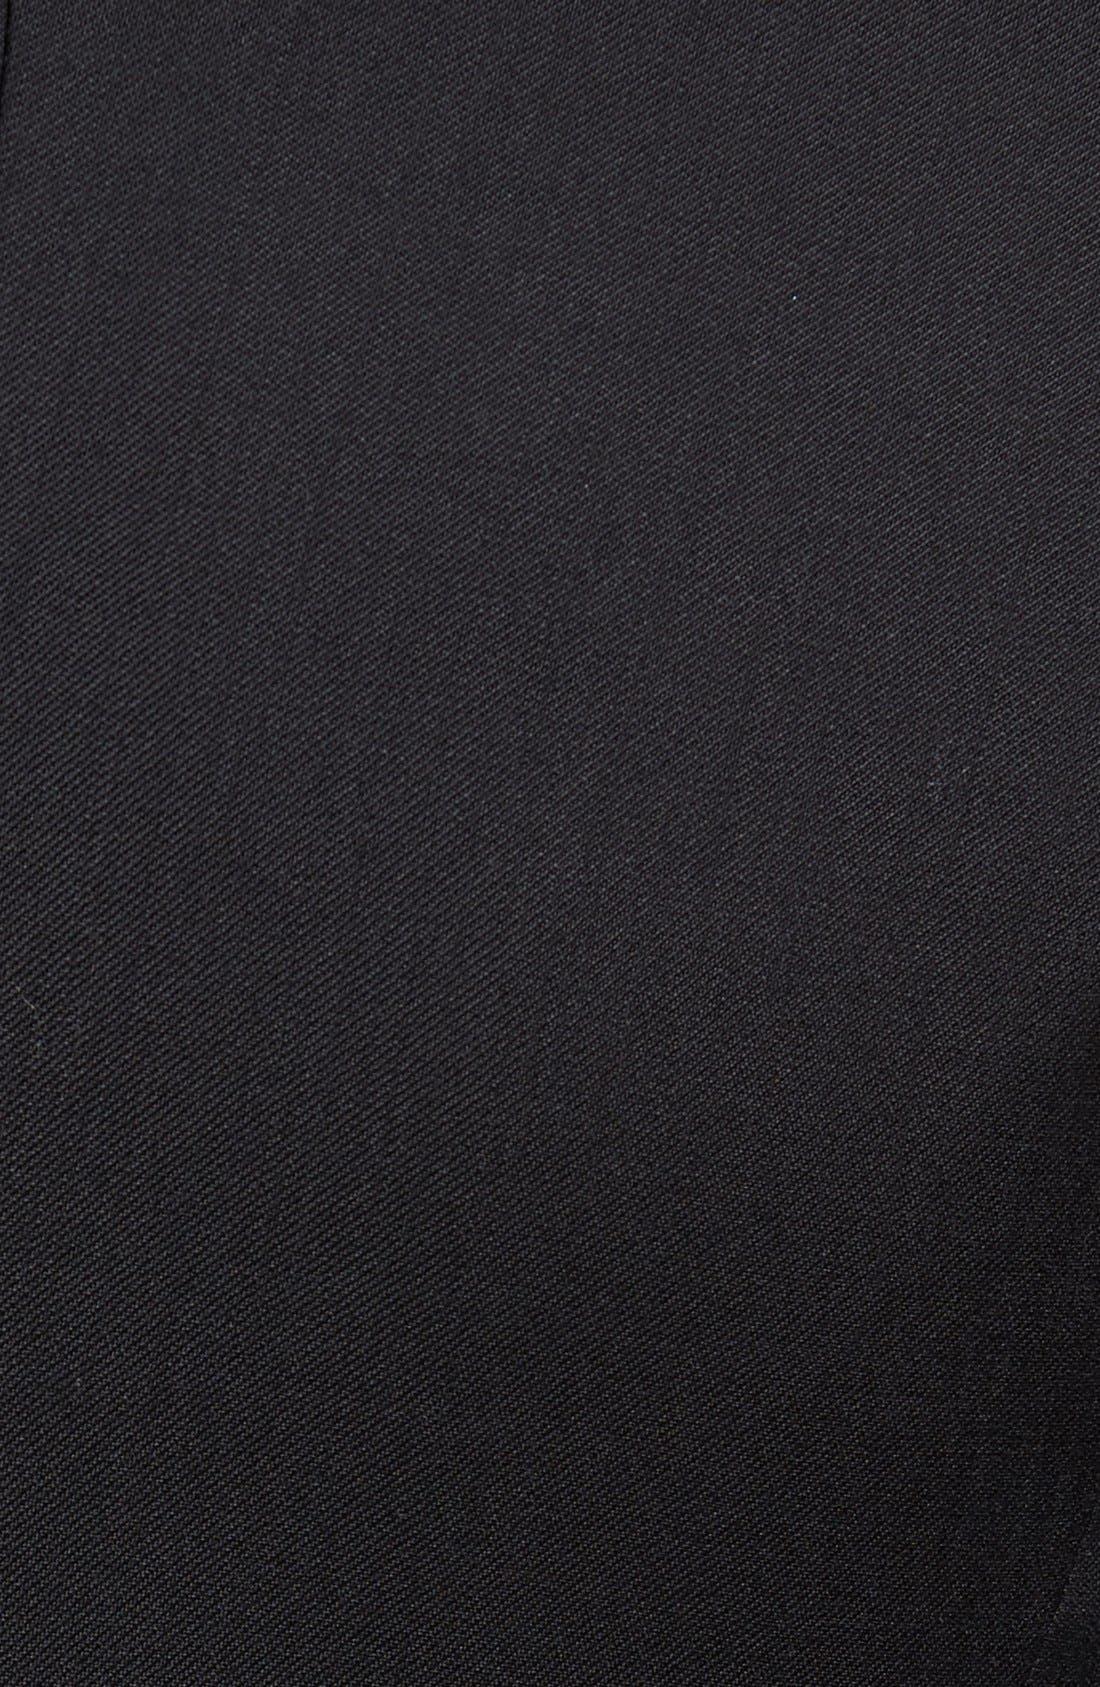 Jones Trim Fit Wool Suit,                             Alternate thumbnail 25, color,